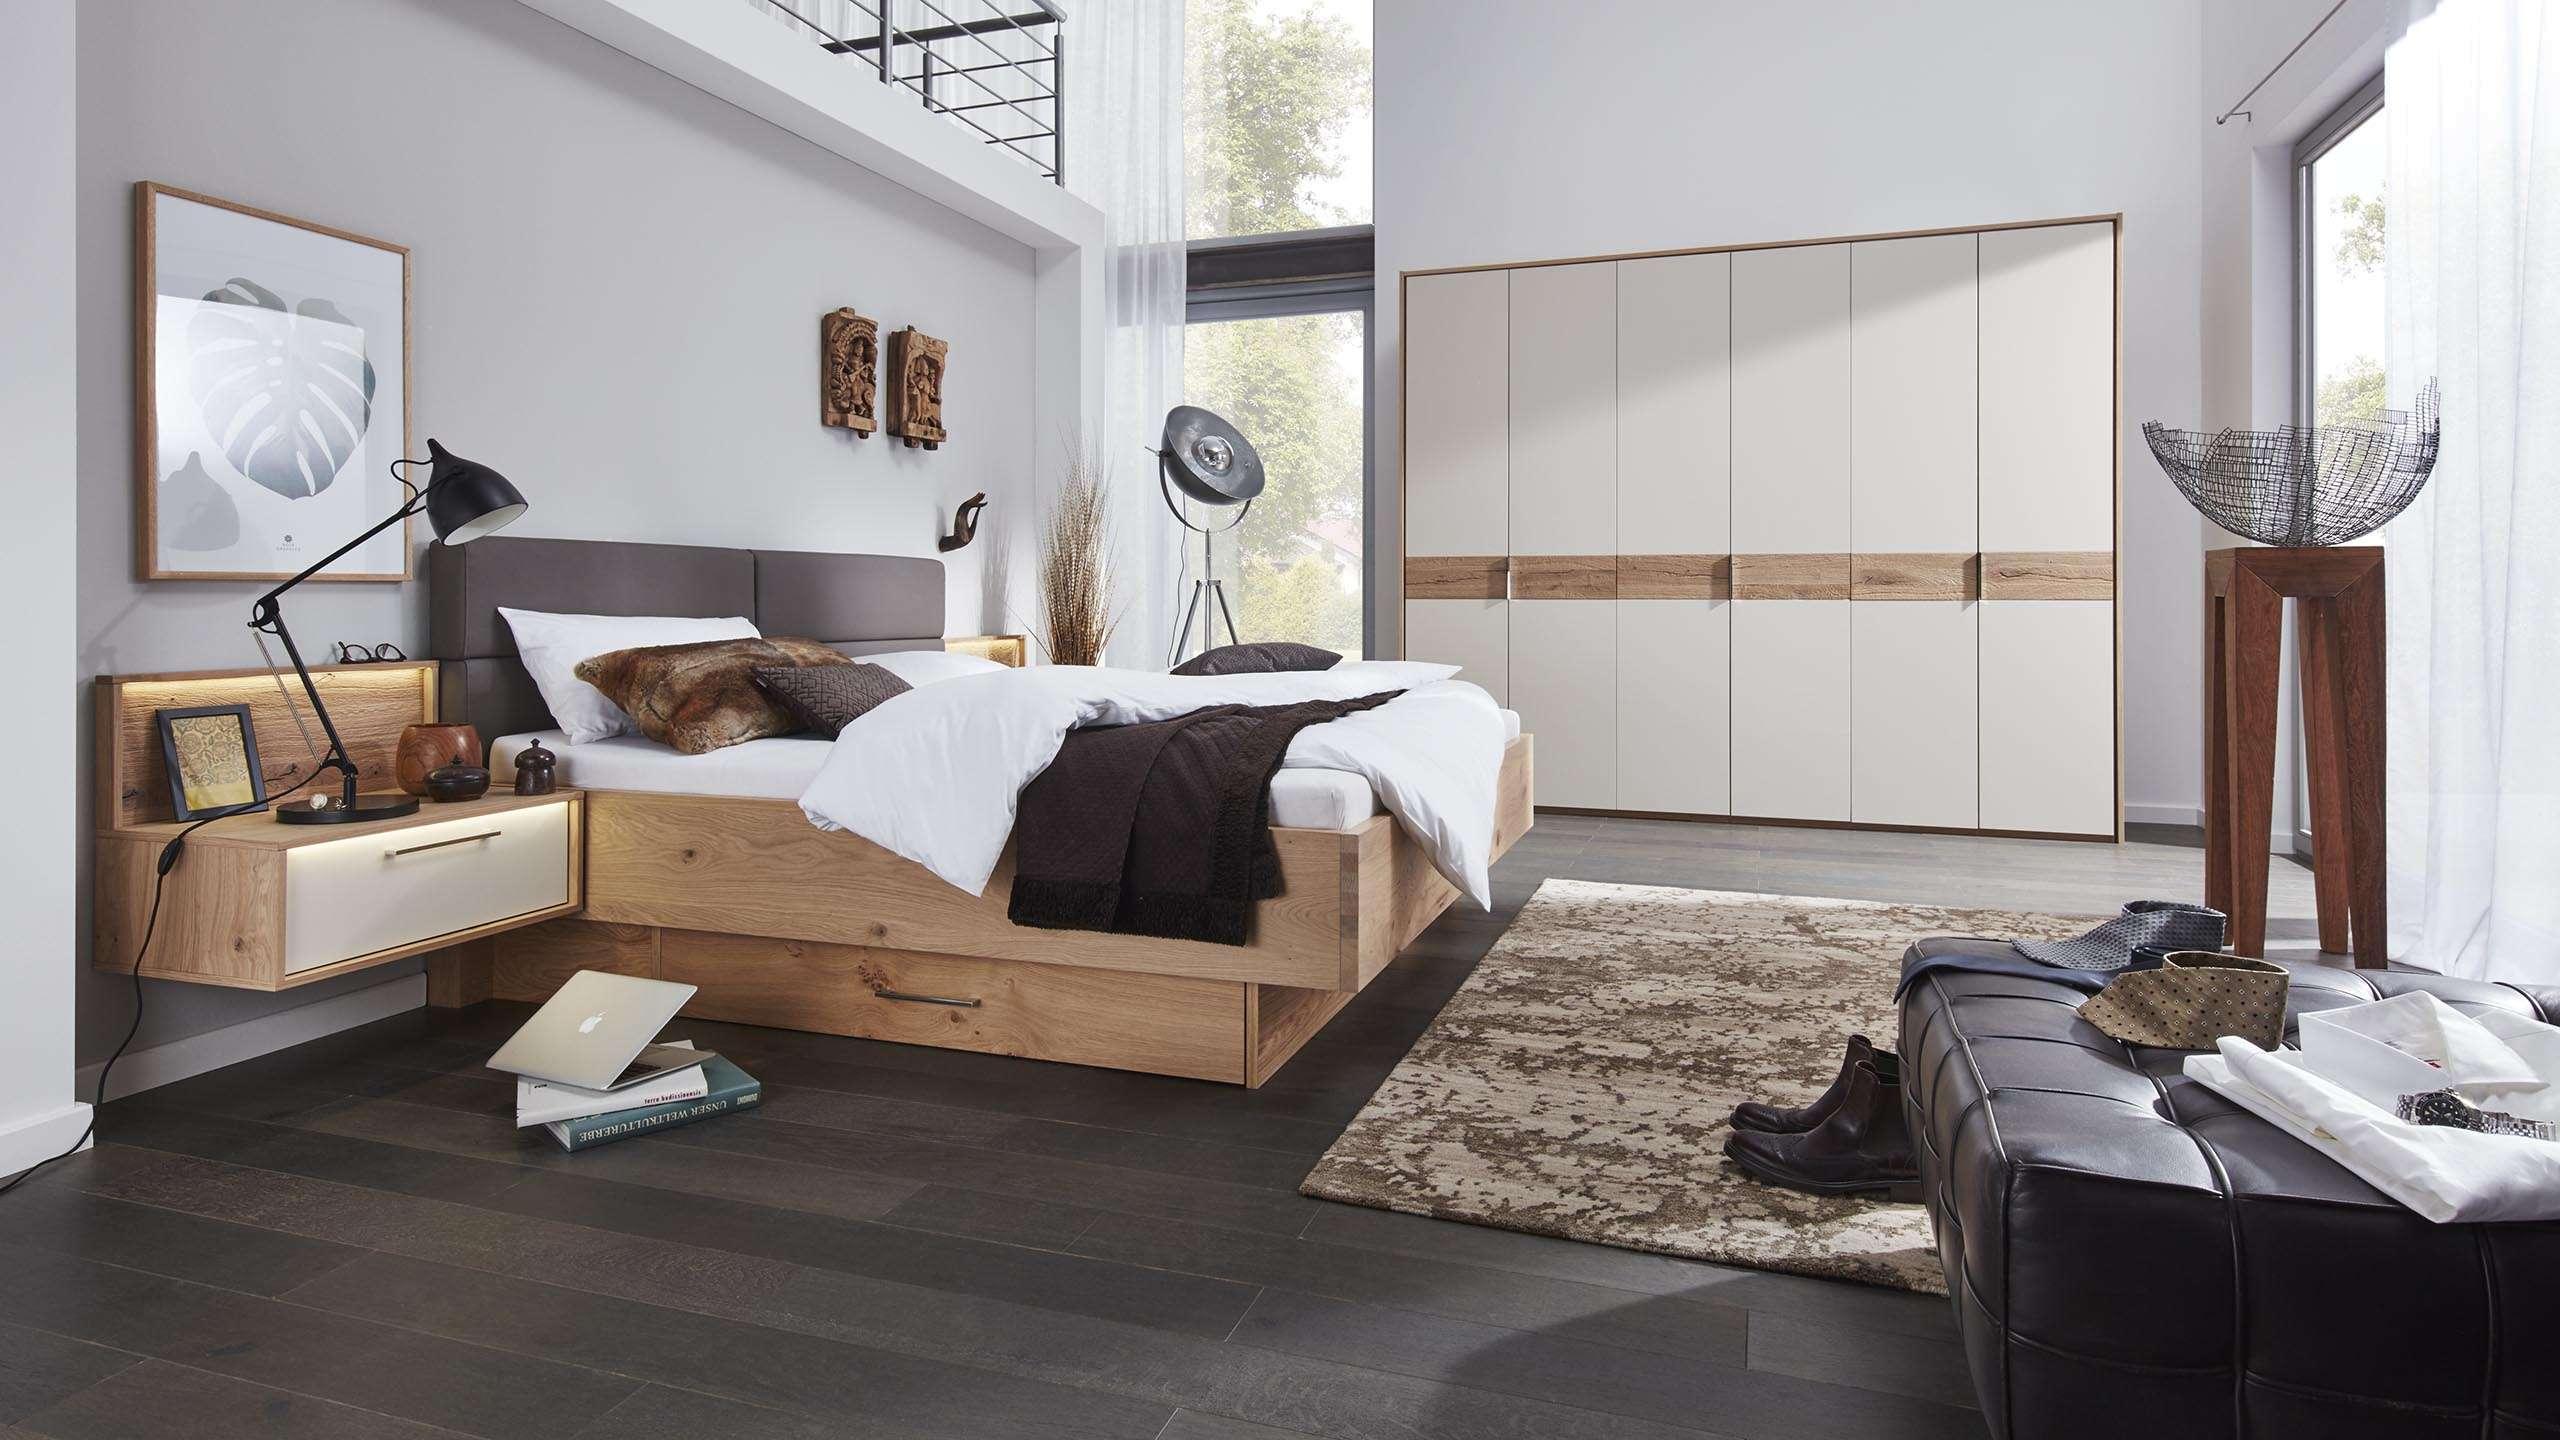 schlafzimmer set rustikal salzkristall lampe im. Black Bedroom Furniture Sets. Home Design Ideas